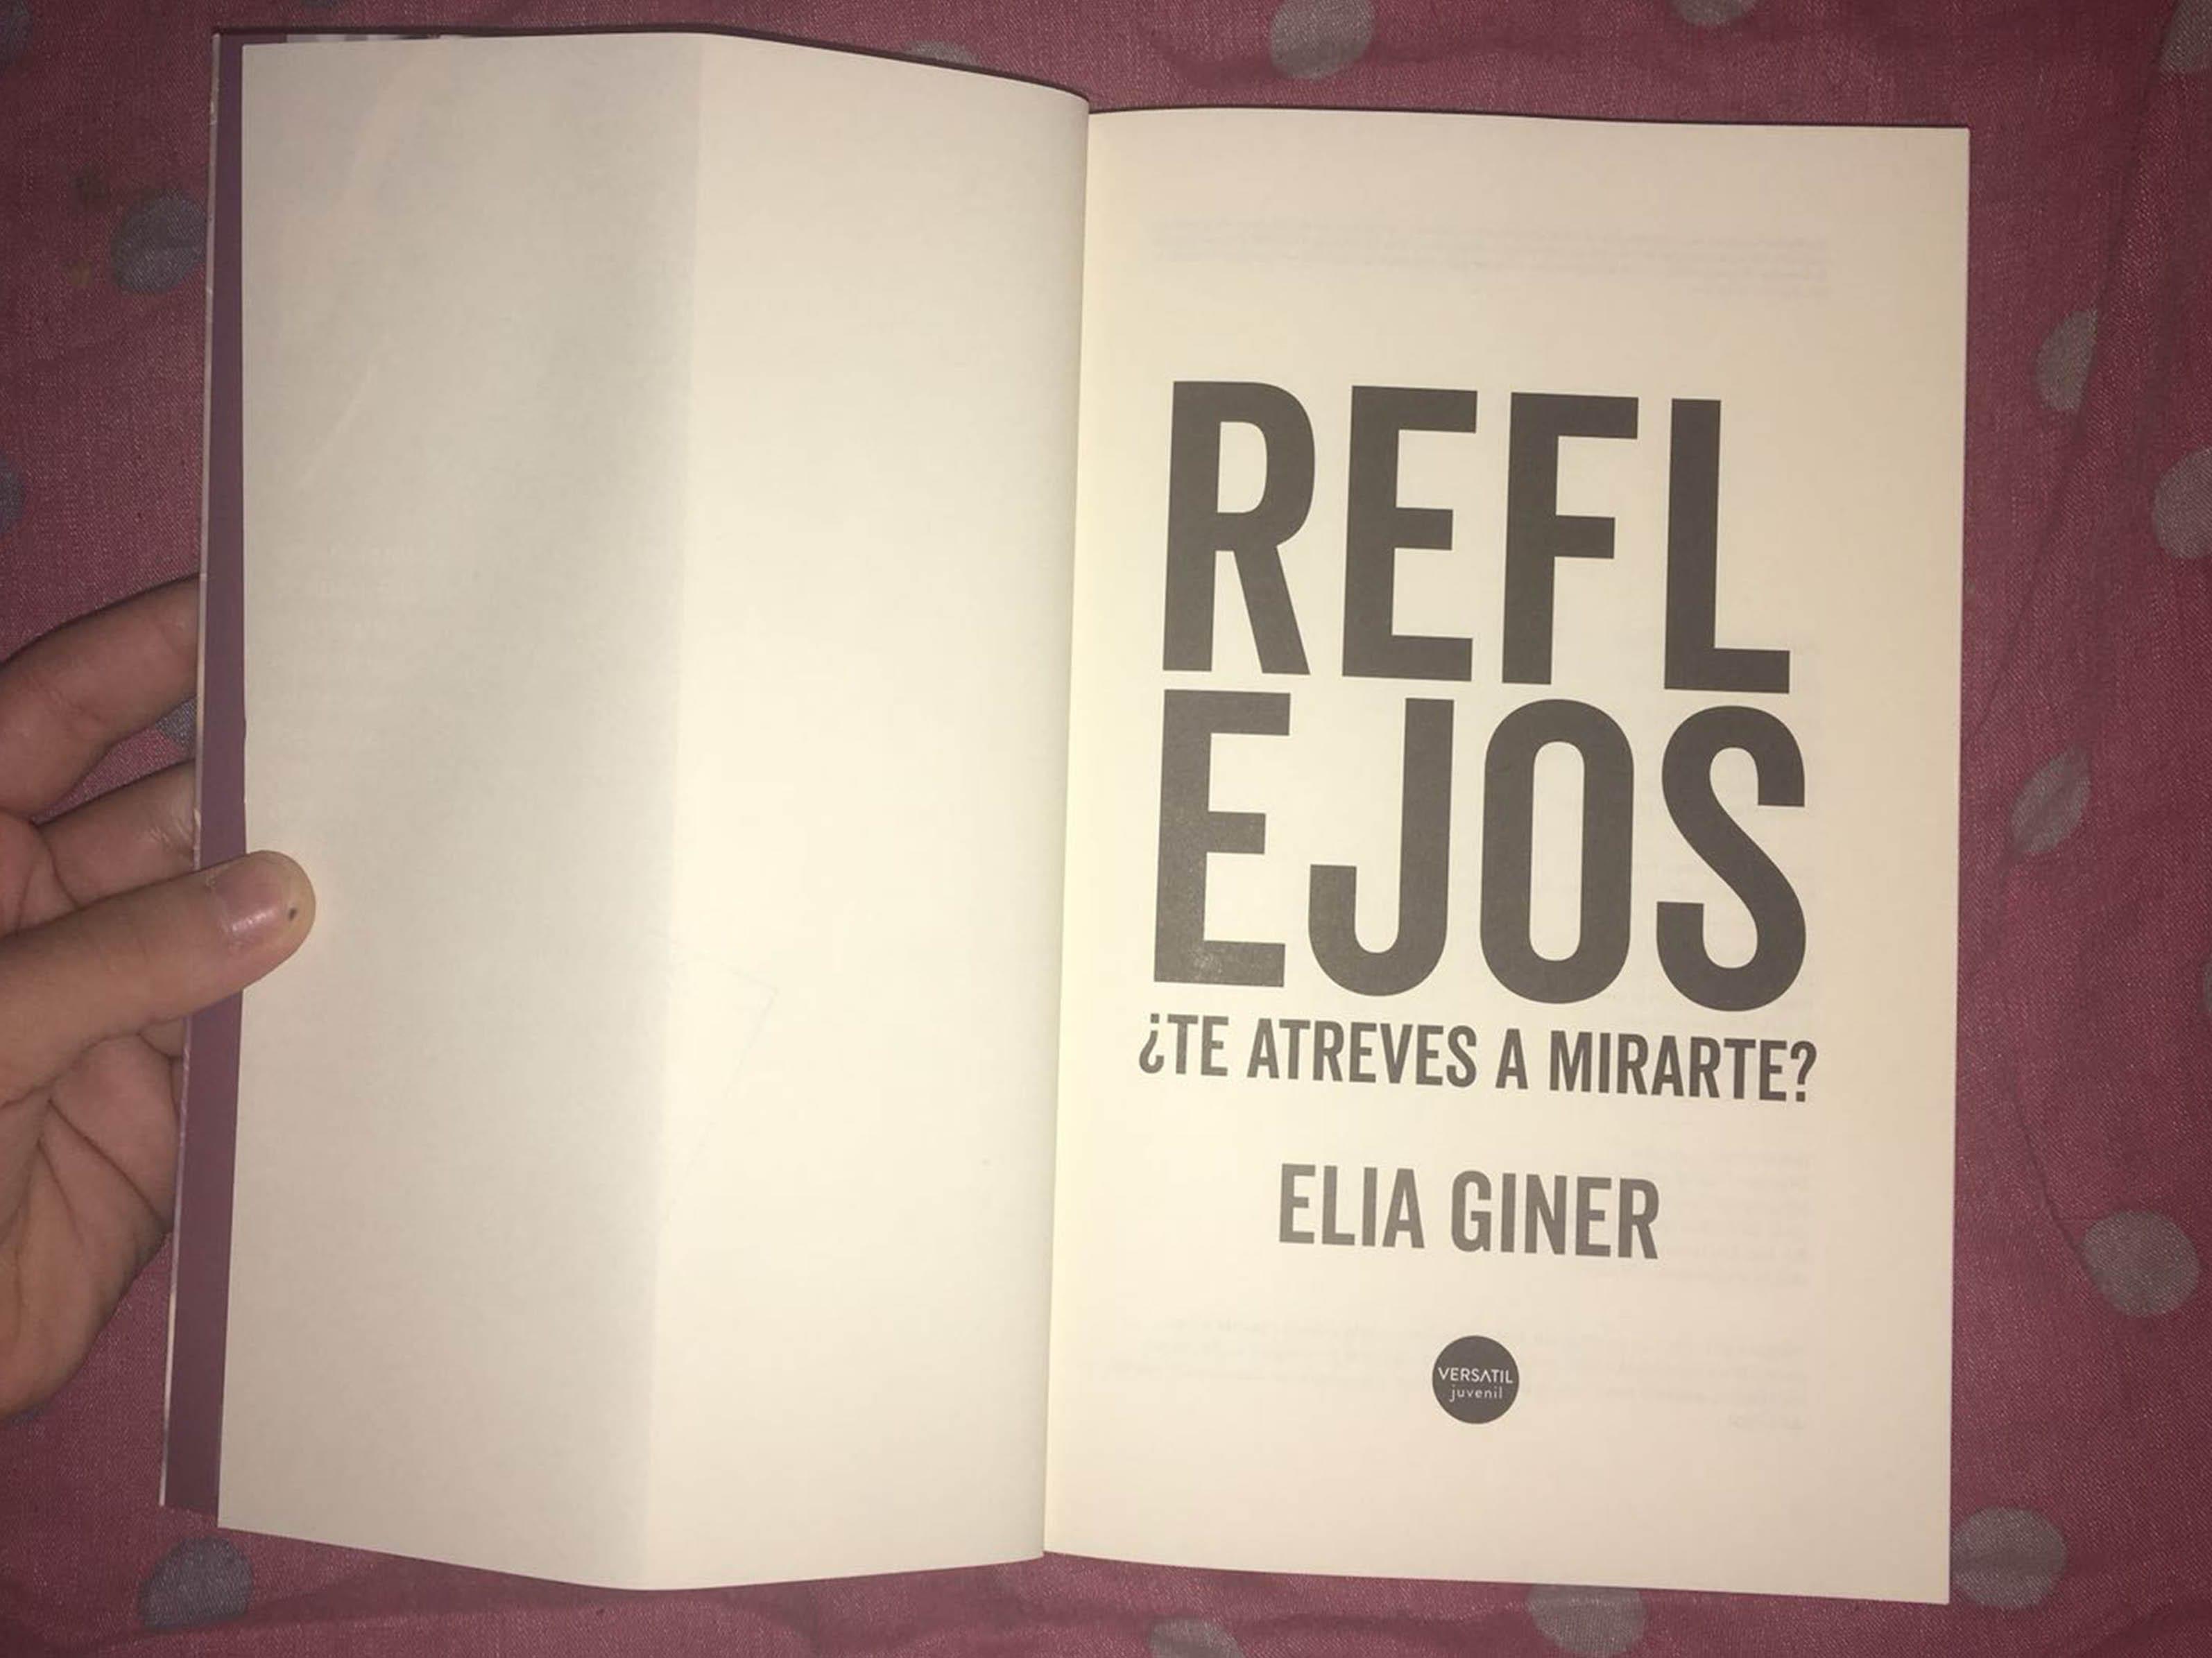 Reflejos, ¿Te atreves a mirarte?, de Elia Giner - Reseña